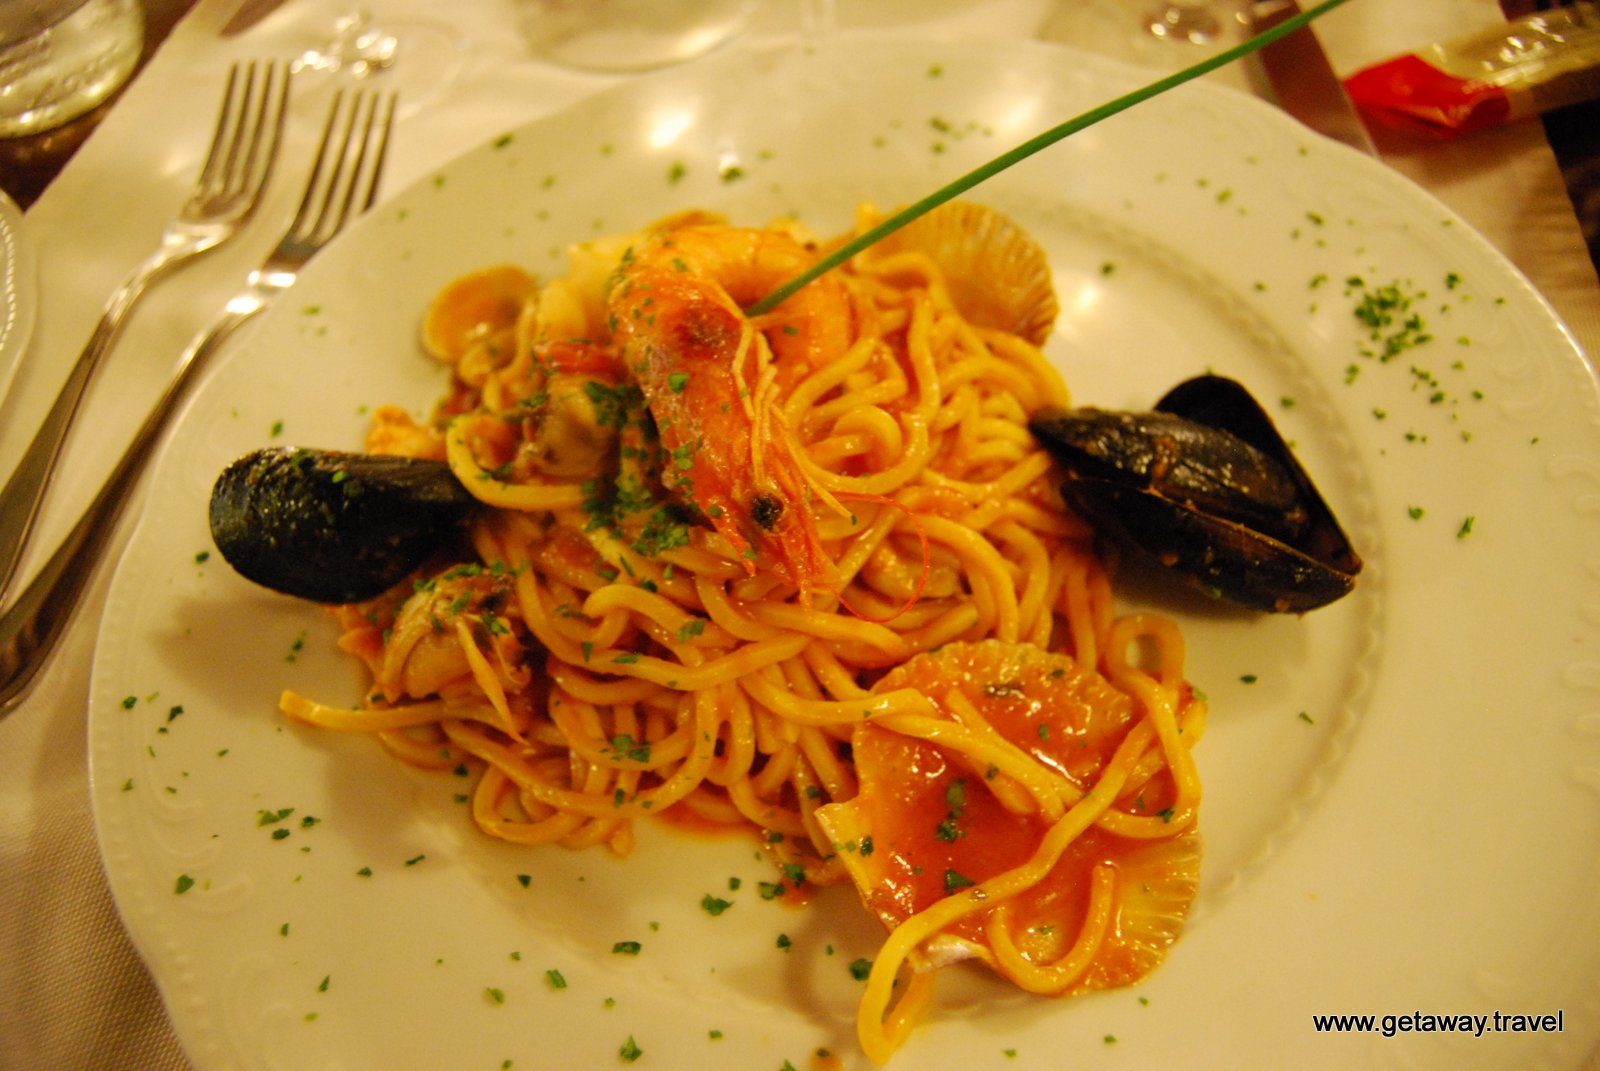 Italian Dinner